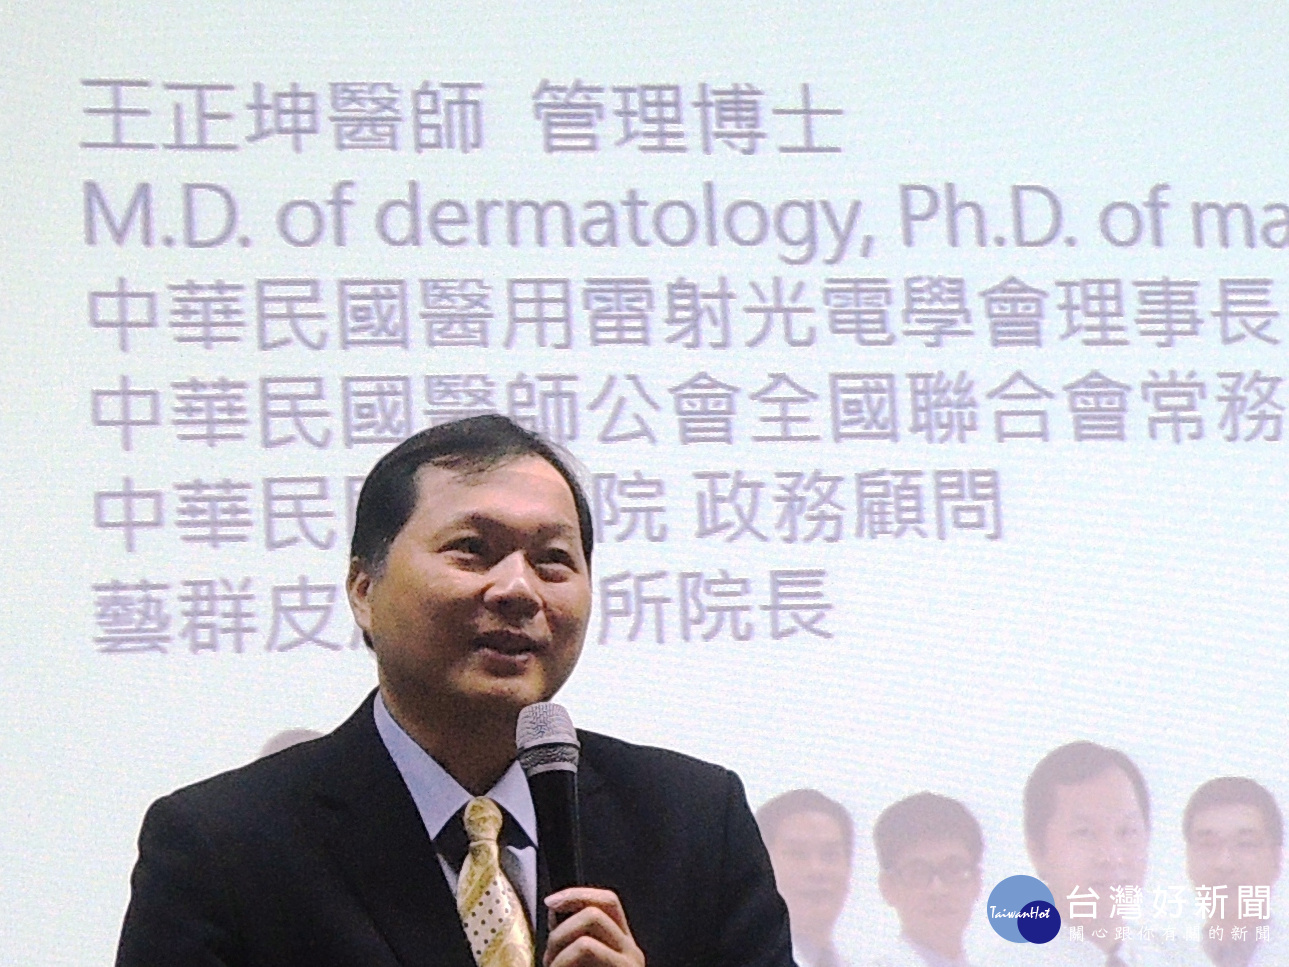 夏日皮膚癌與醫美風險 皮膚科王正坤醫師文化中心開講